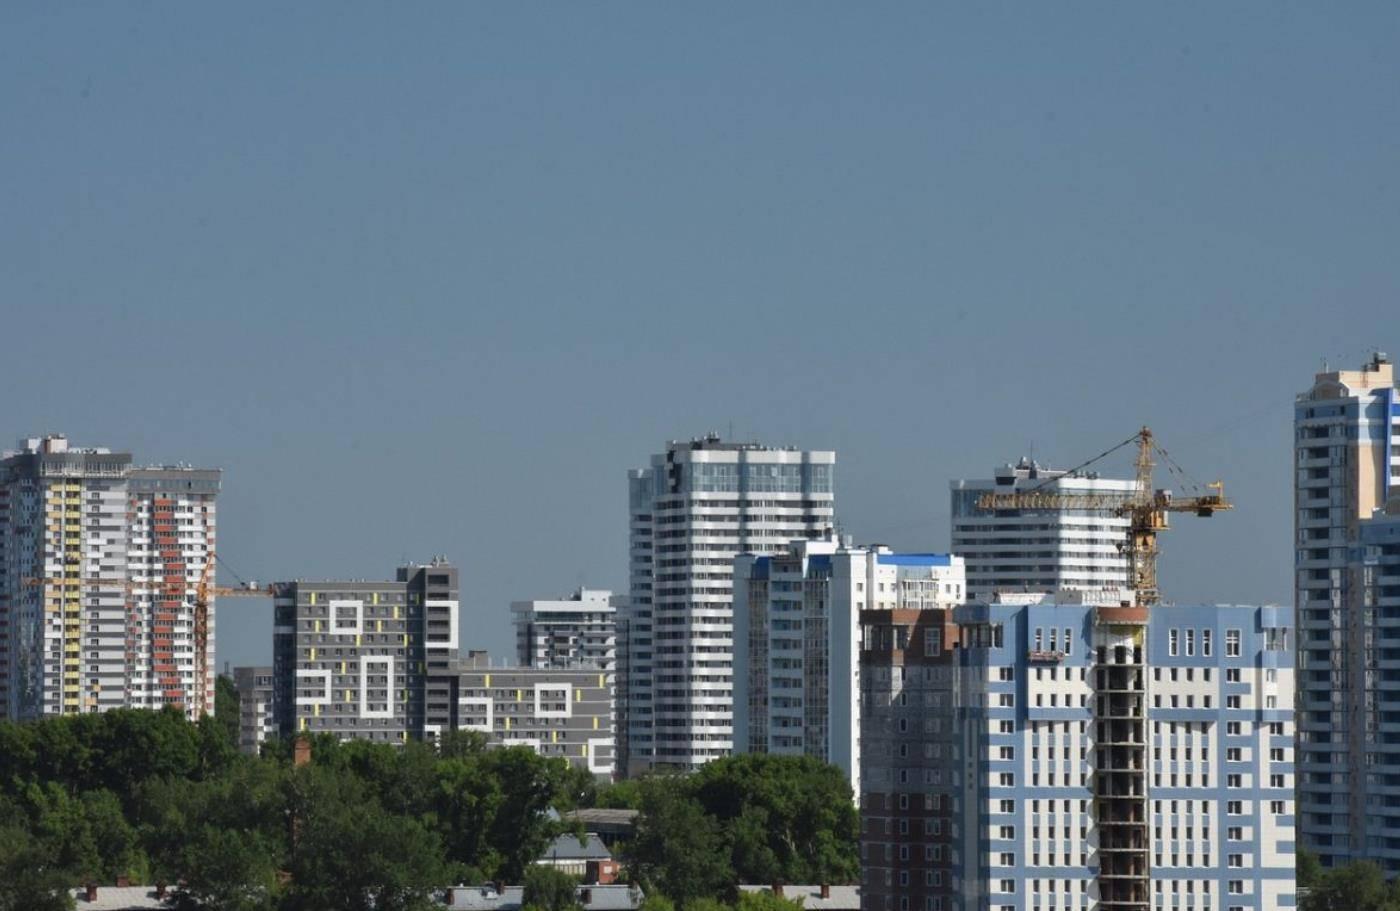 一二线城市房价上涨却租金下跌,当前的房地产到底怎么了?